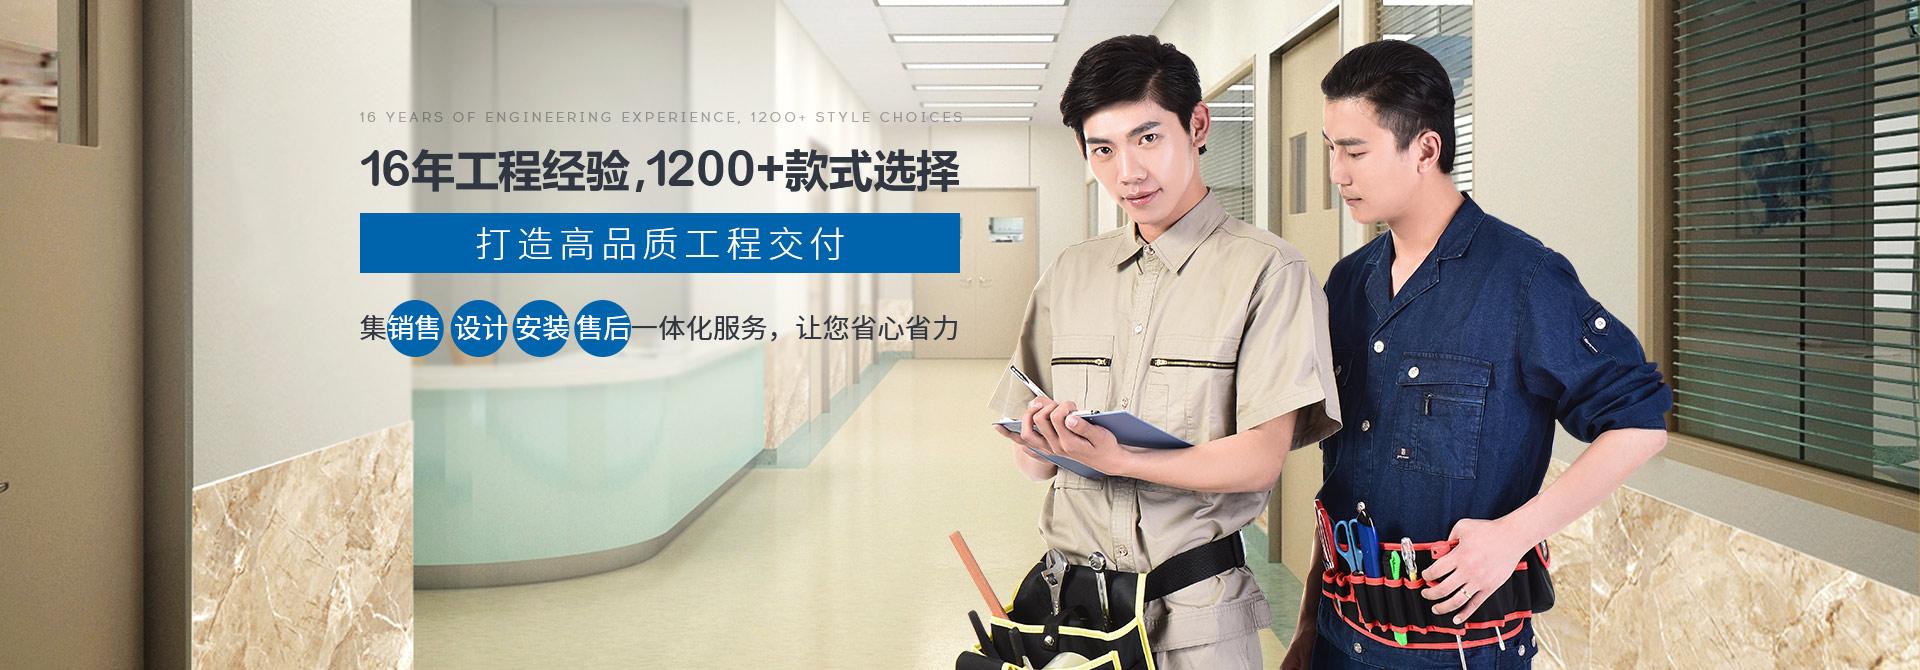 凤城橡塑,16年工程经验,1200+款式选择,打造高品质工程交付